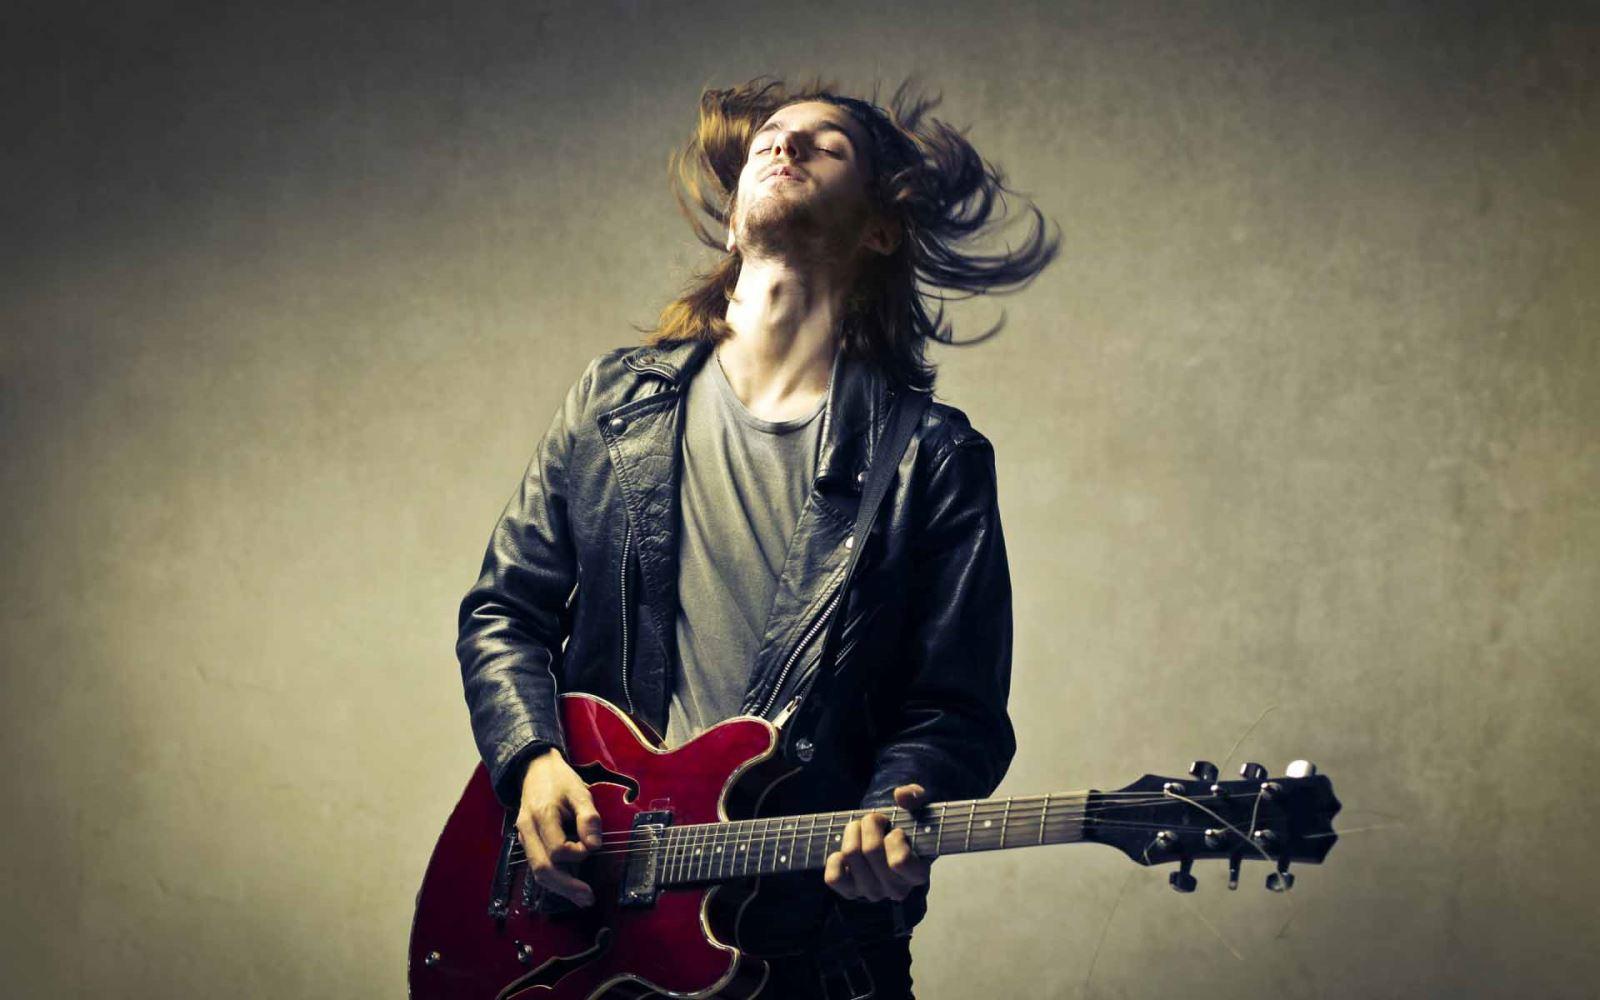 Nếu em yêu một anh chàng biết chơi đà guitar